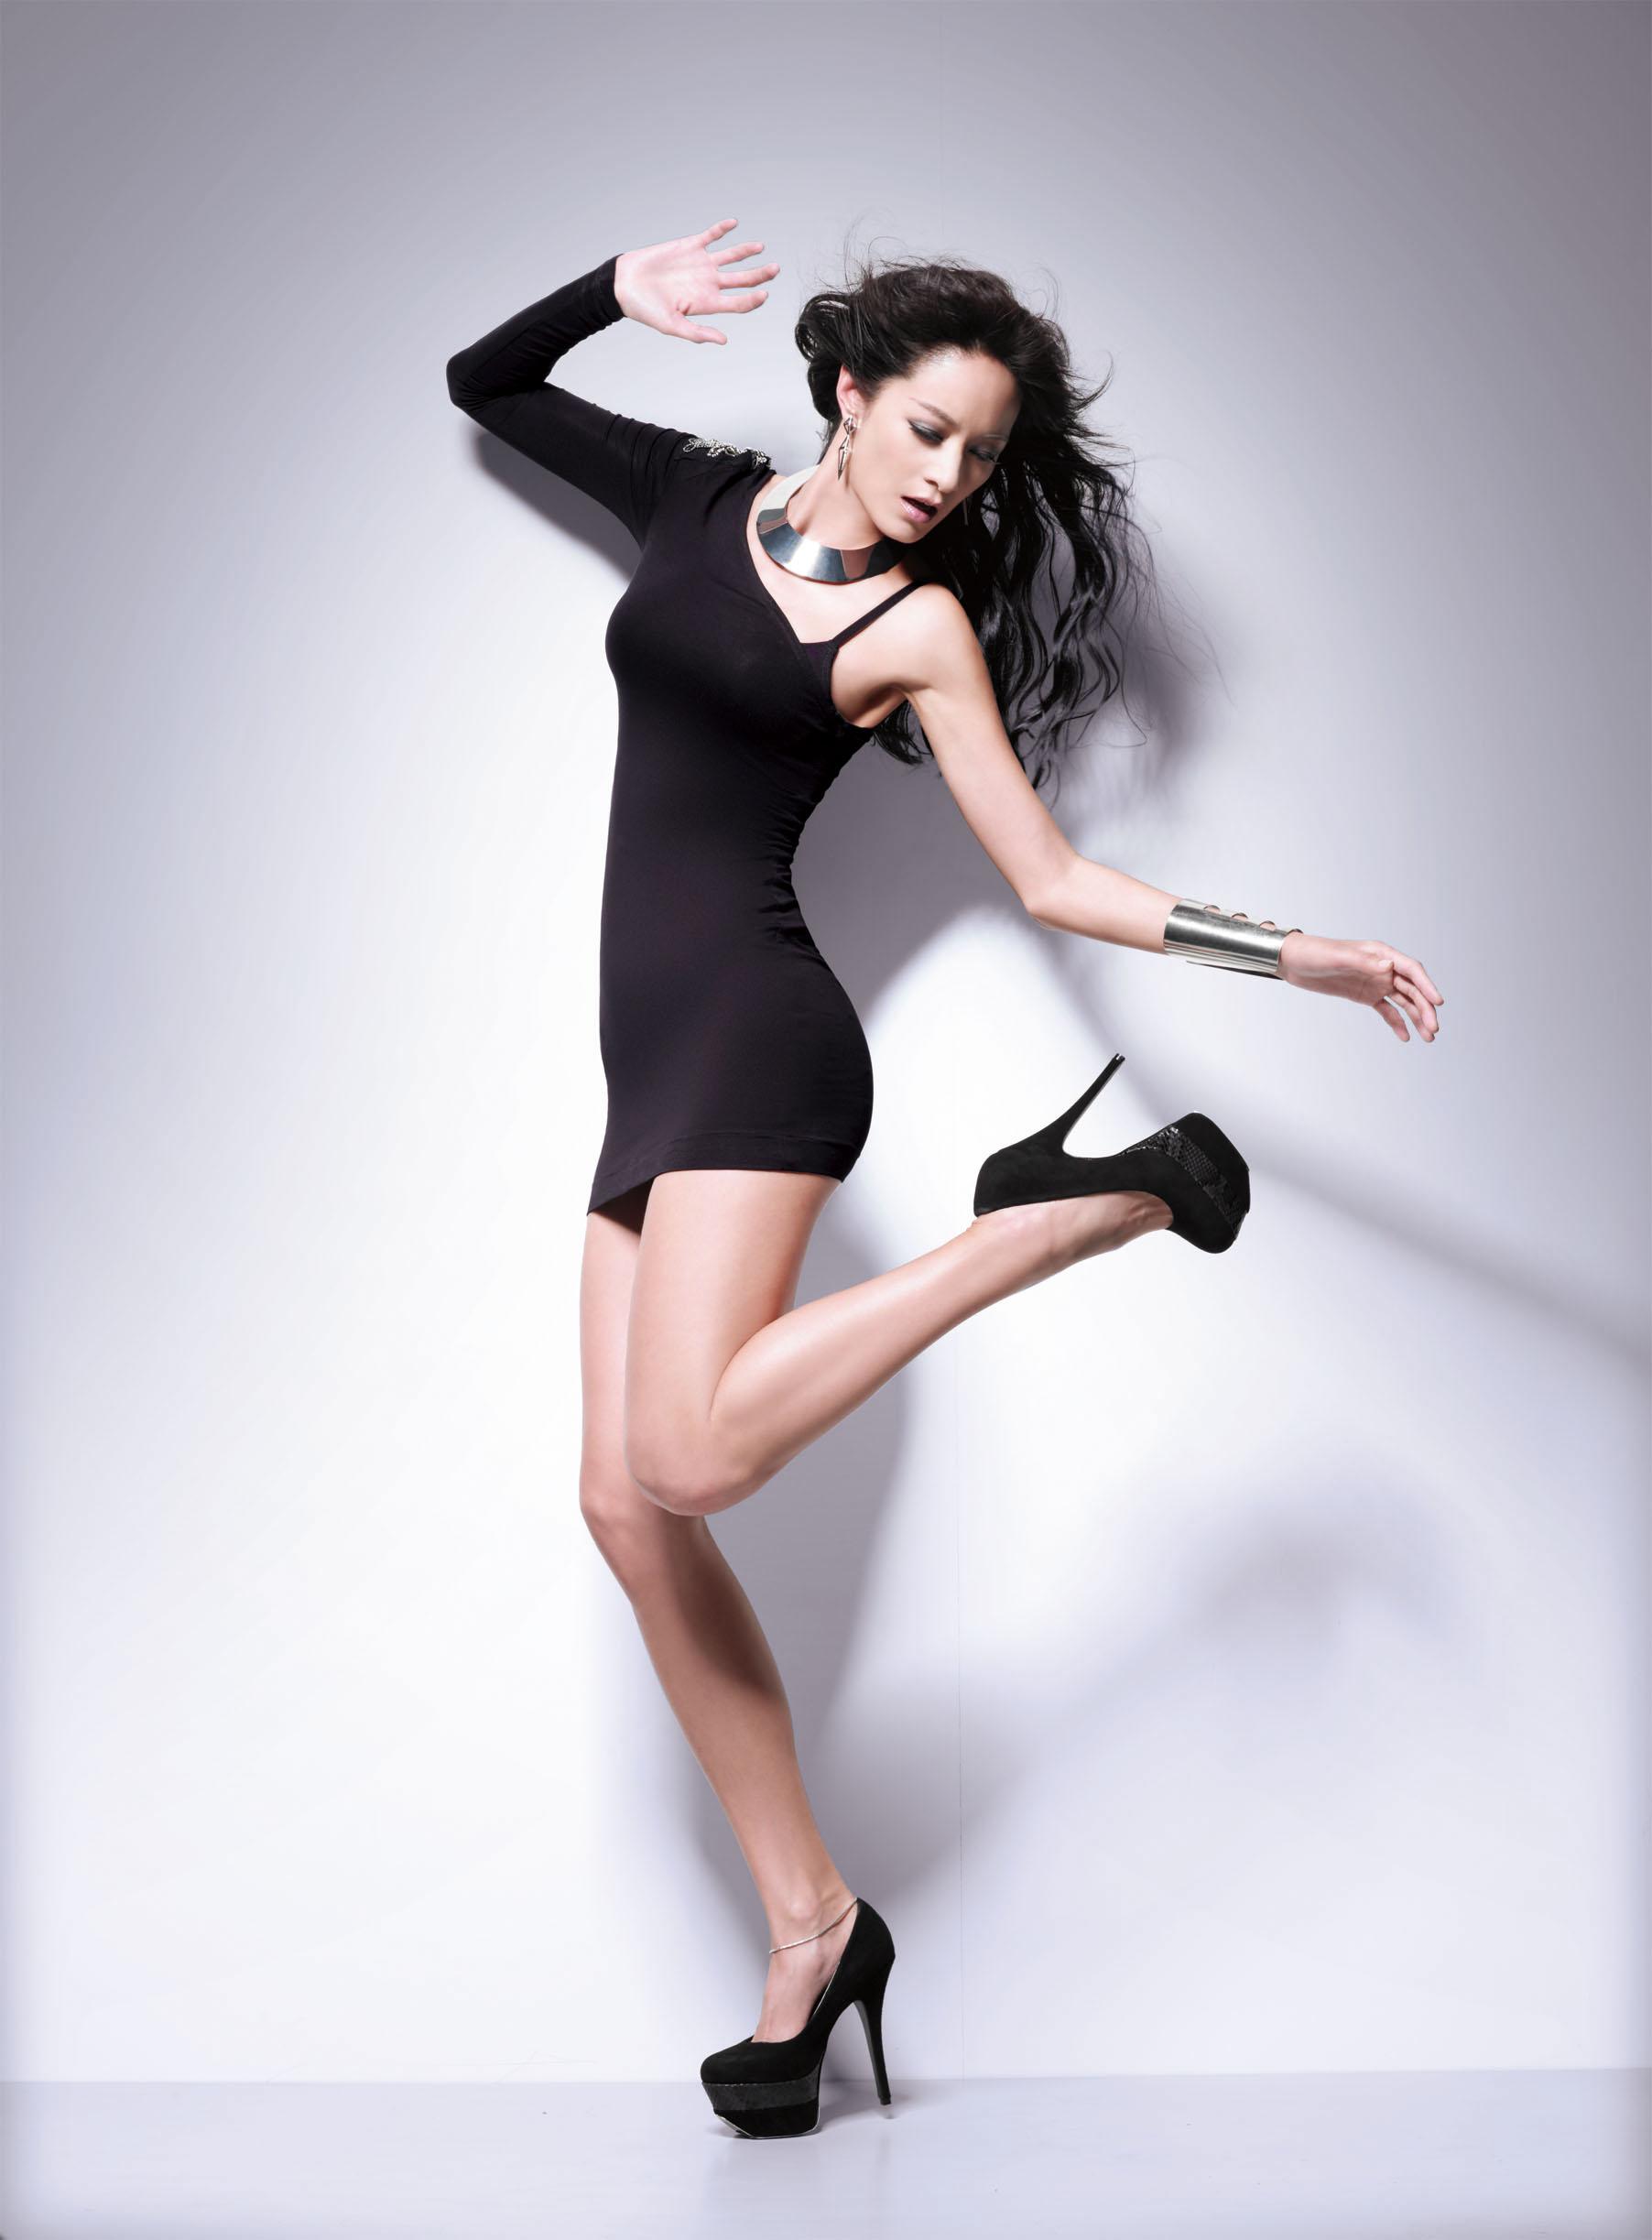 black heels.jpg